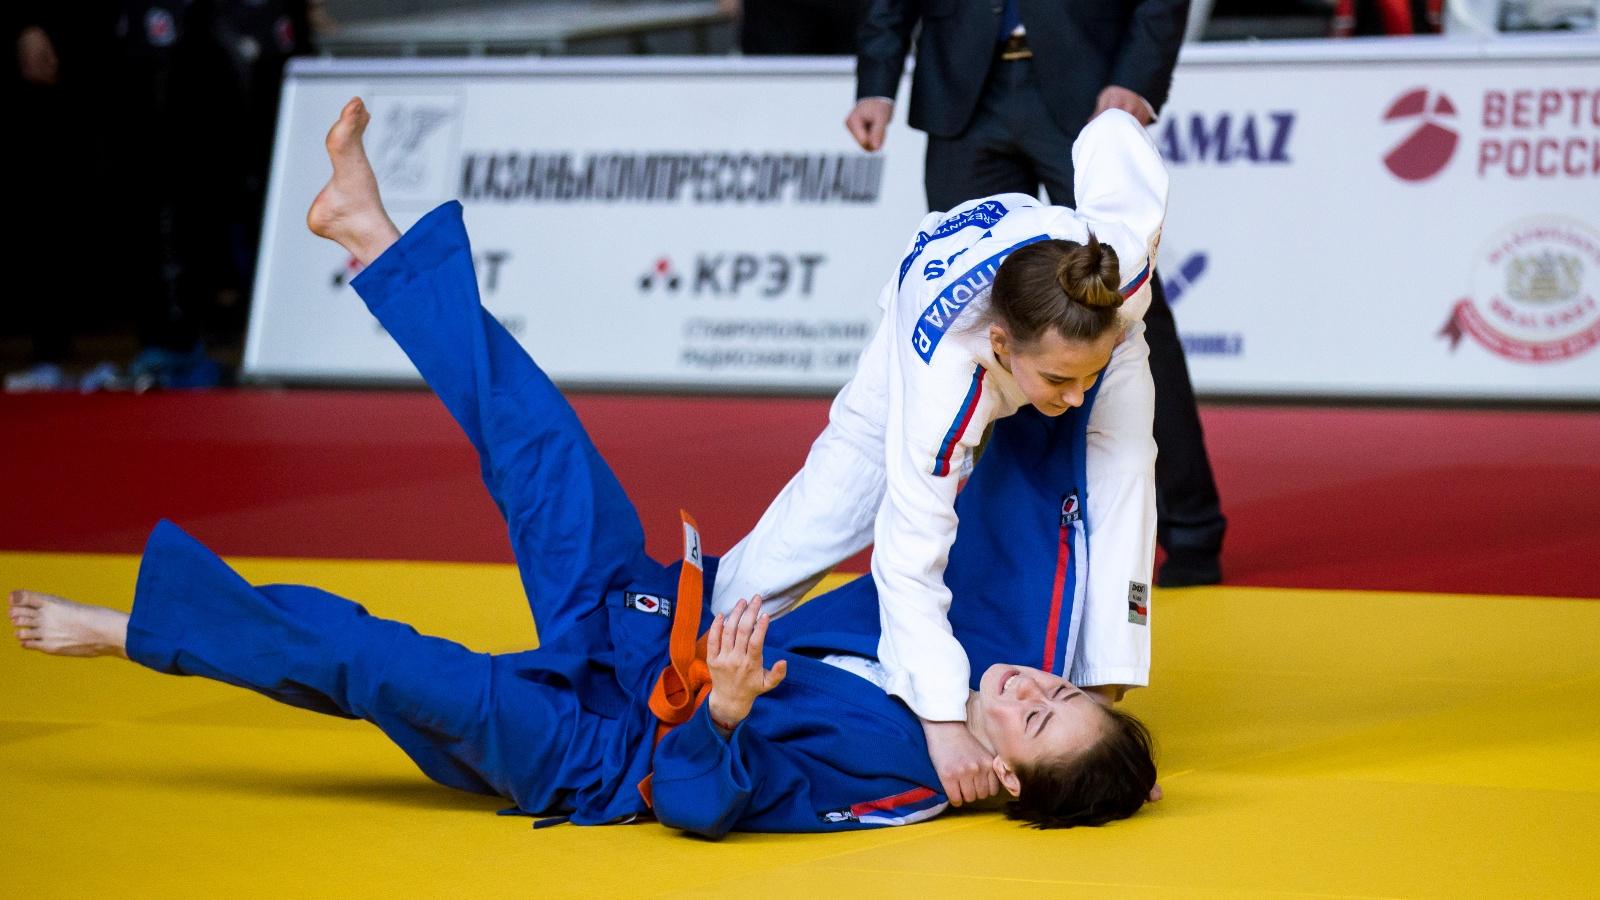 Оренбургская область примет Кубок Европы по дзюдо